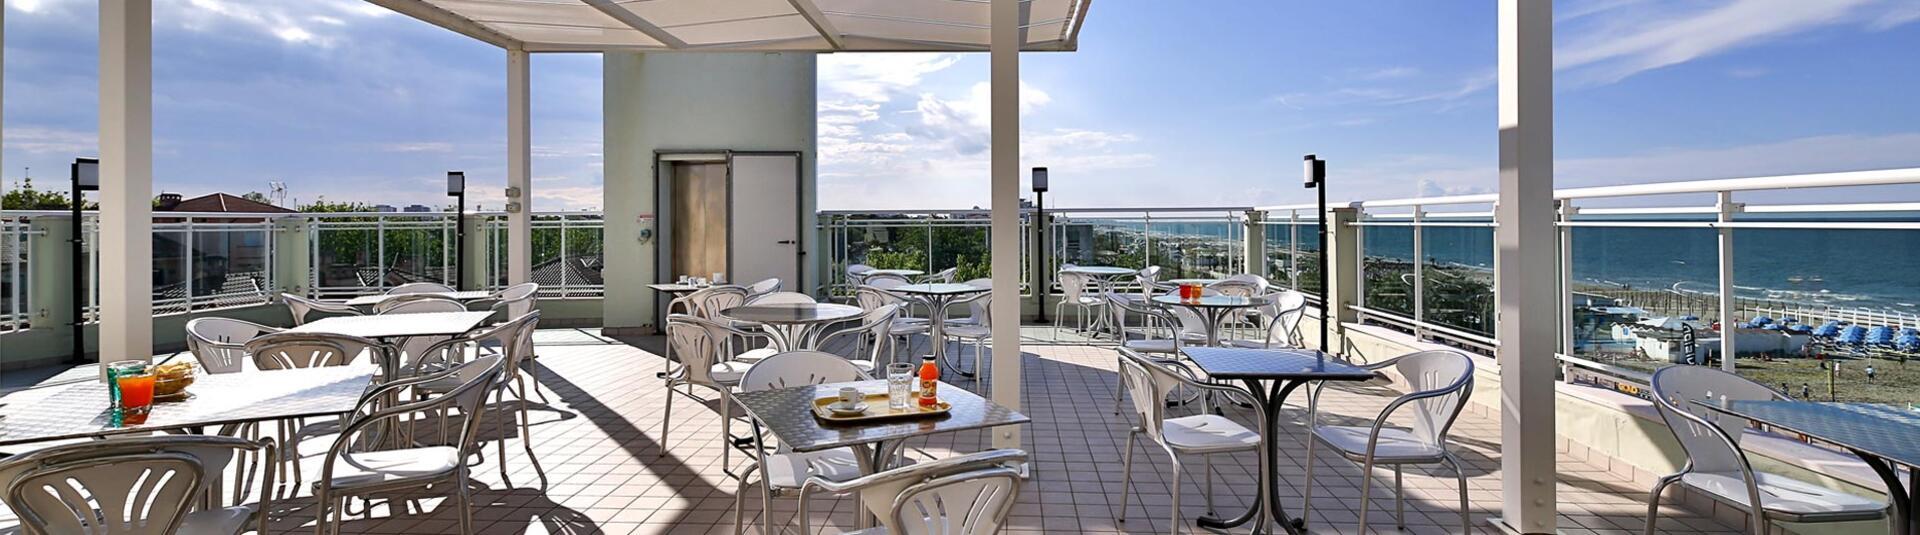 hotelacquamarina it 1-it-310345-vacanze-luglio-a-riccione-hotel-sul-mare 004